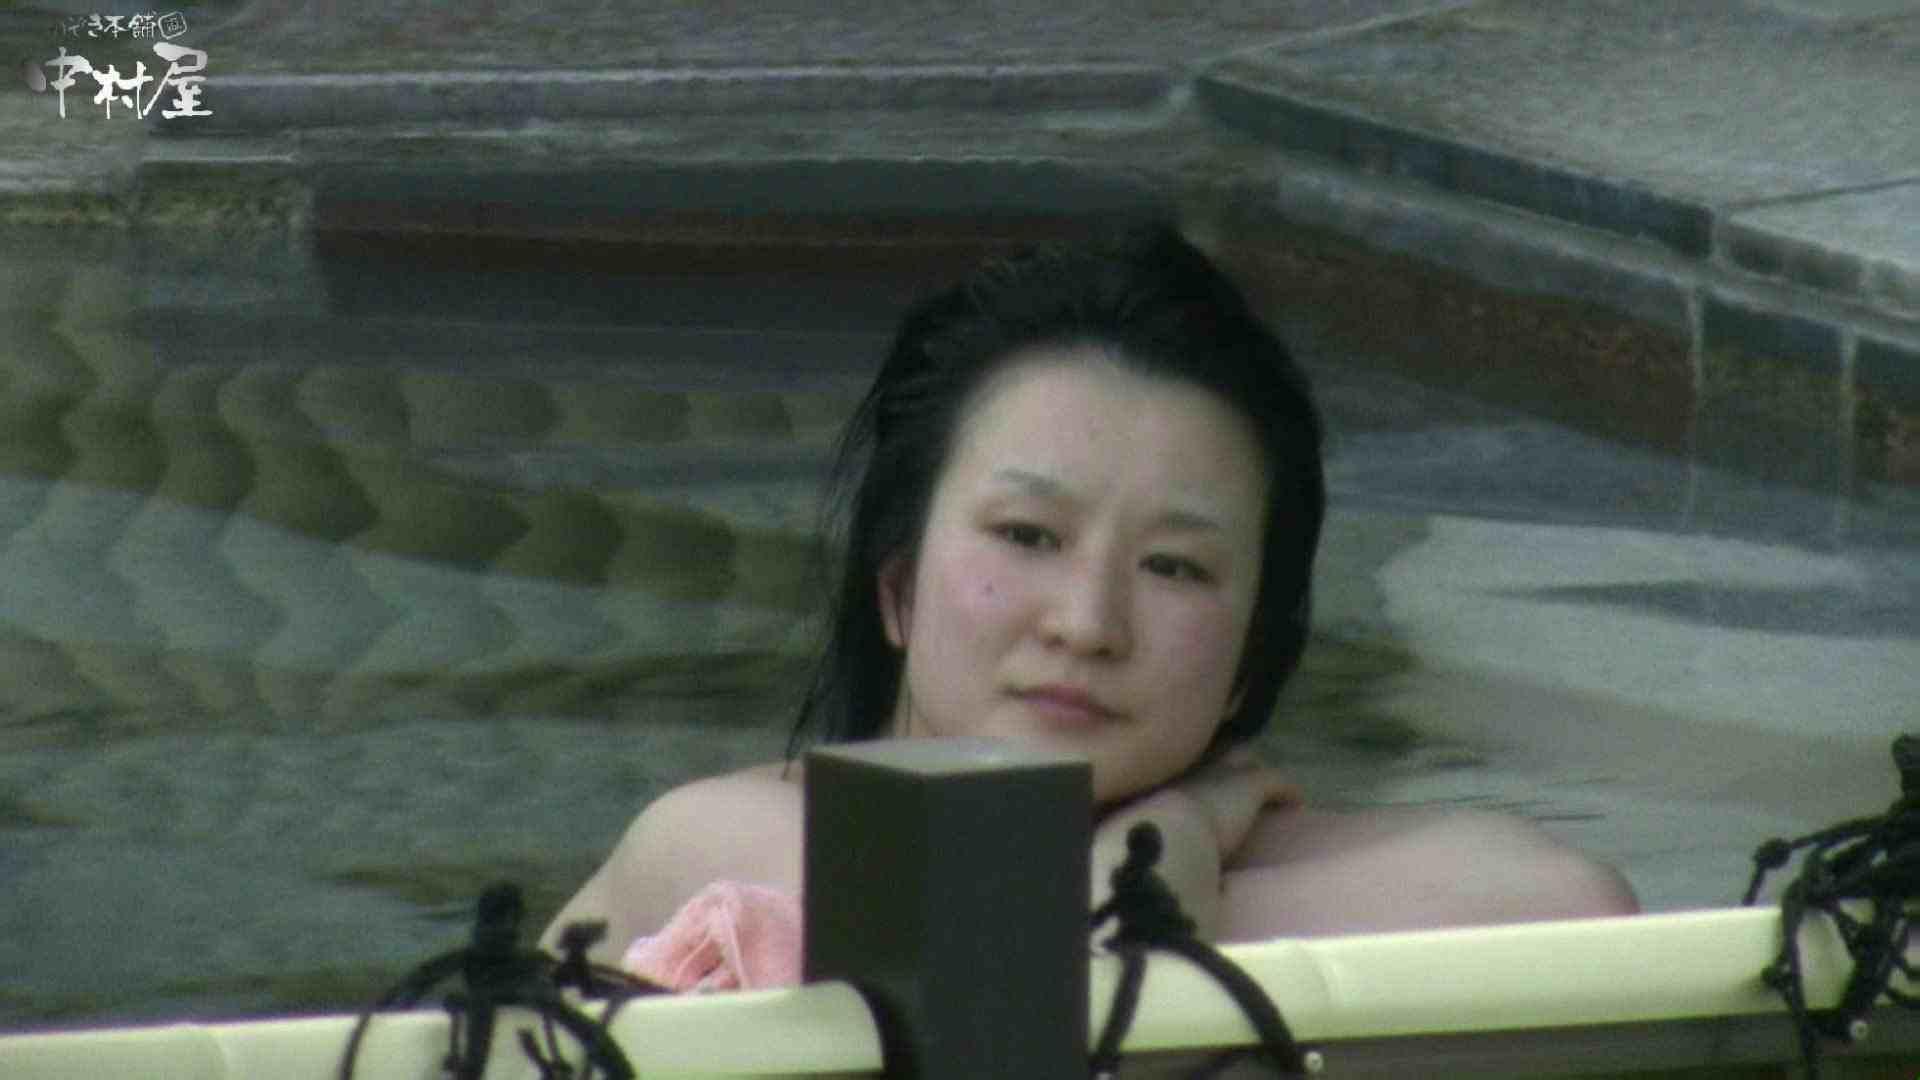 Aquaな露天風呂Vol.982 美しいOLの裸体   盗撮師作品  78pic 64